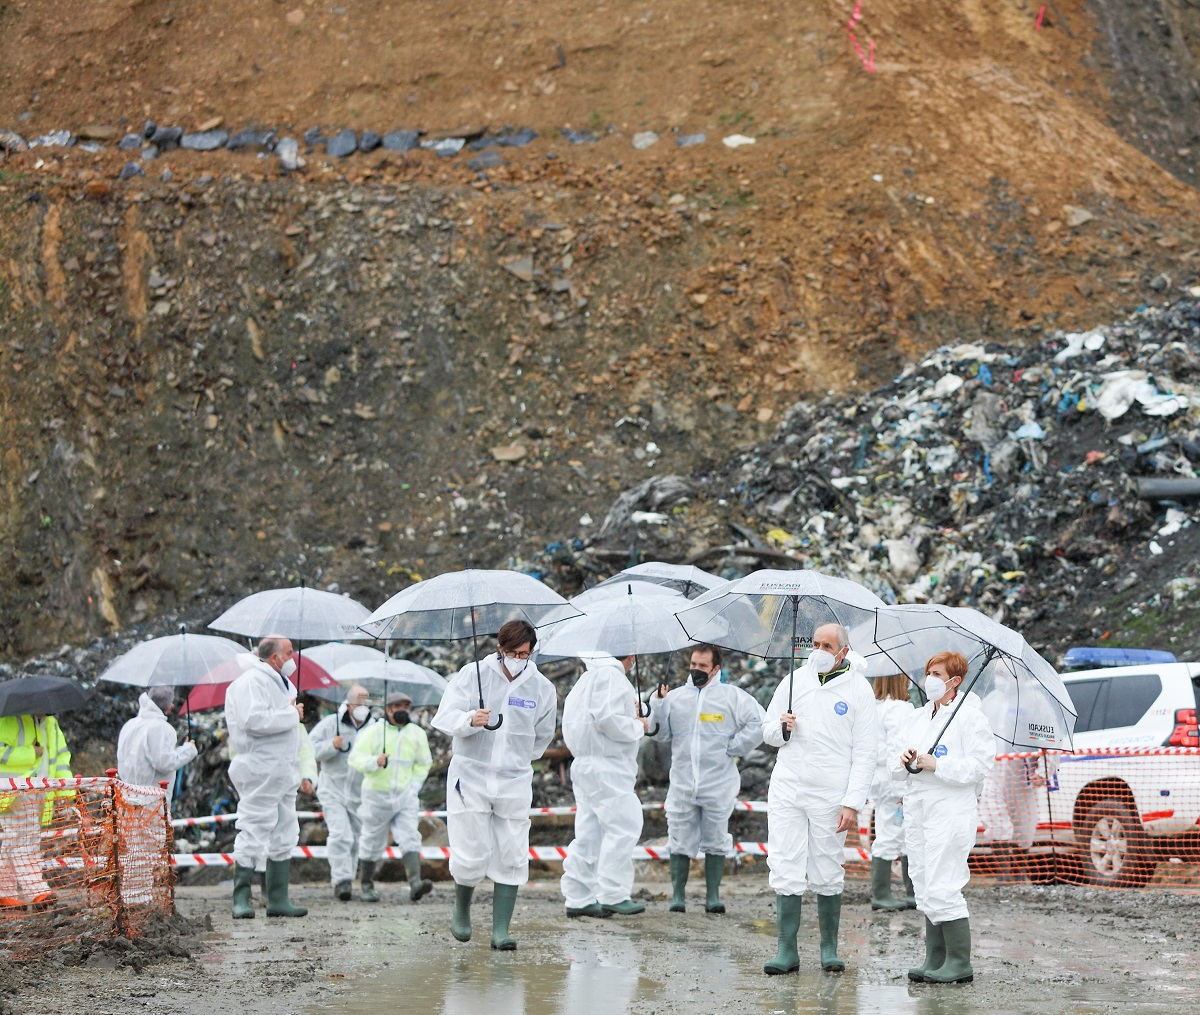 Visita oficial al vertedero de Zaldibar. Foto: Gobierno vasco